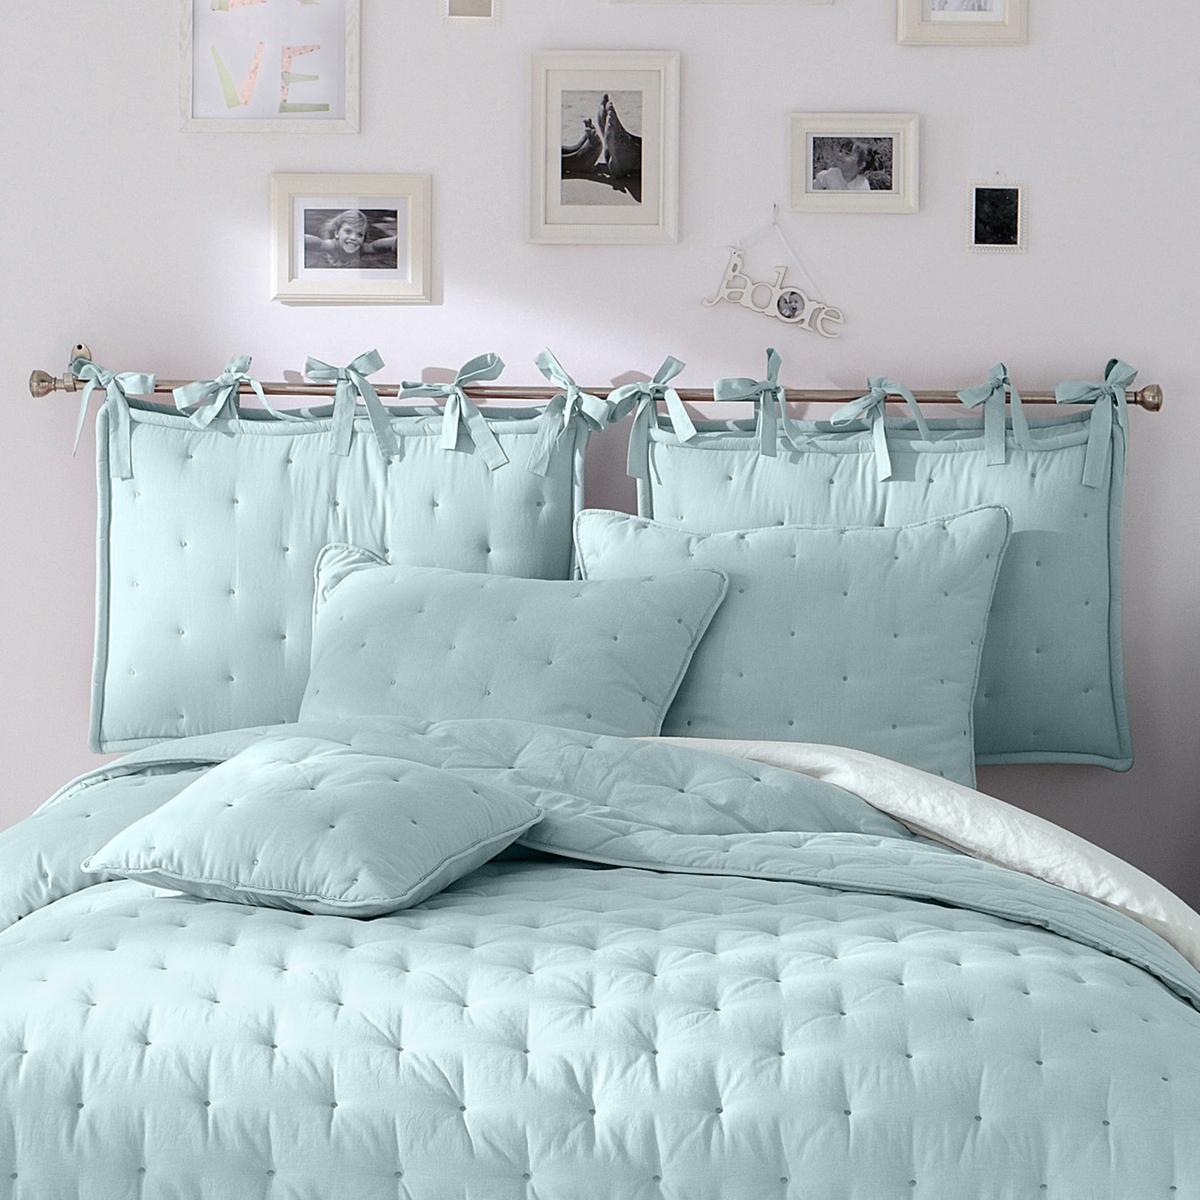 Cuscino per testata del letto imbottito AÉRI